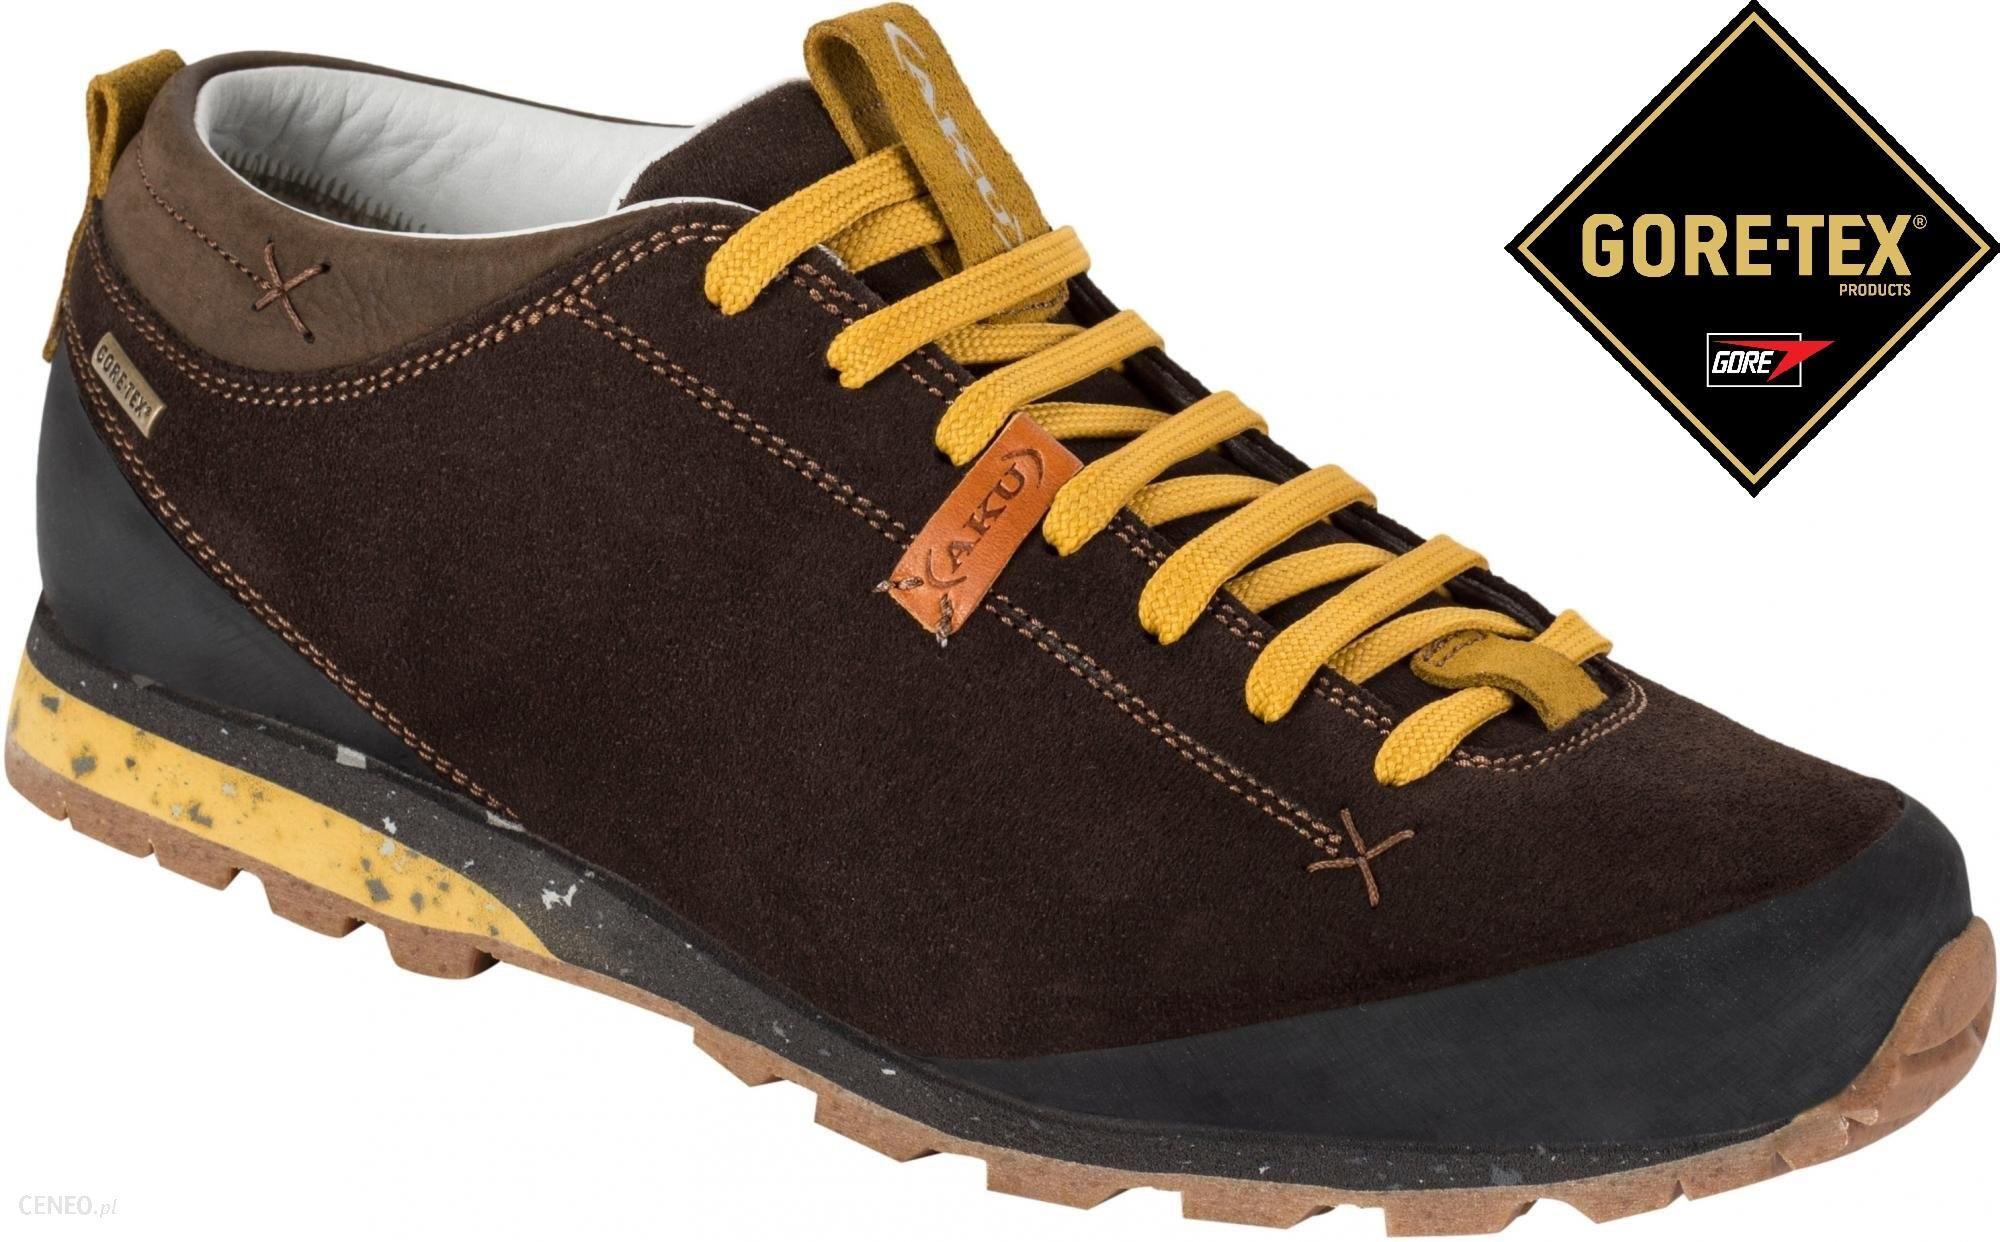 3f856b45d15b15 Aku buty turystyczne Bellamont Suede GTX brown 8,0 (42,0) - Ceny i ...